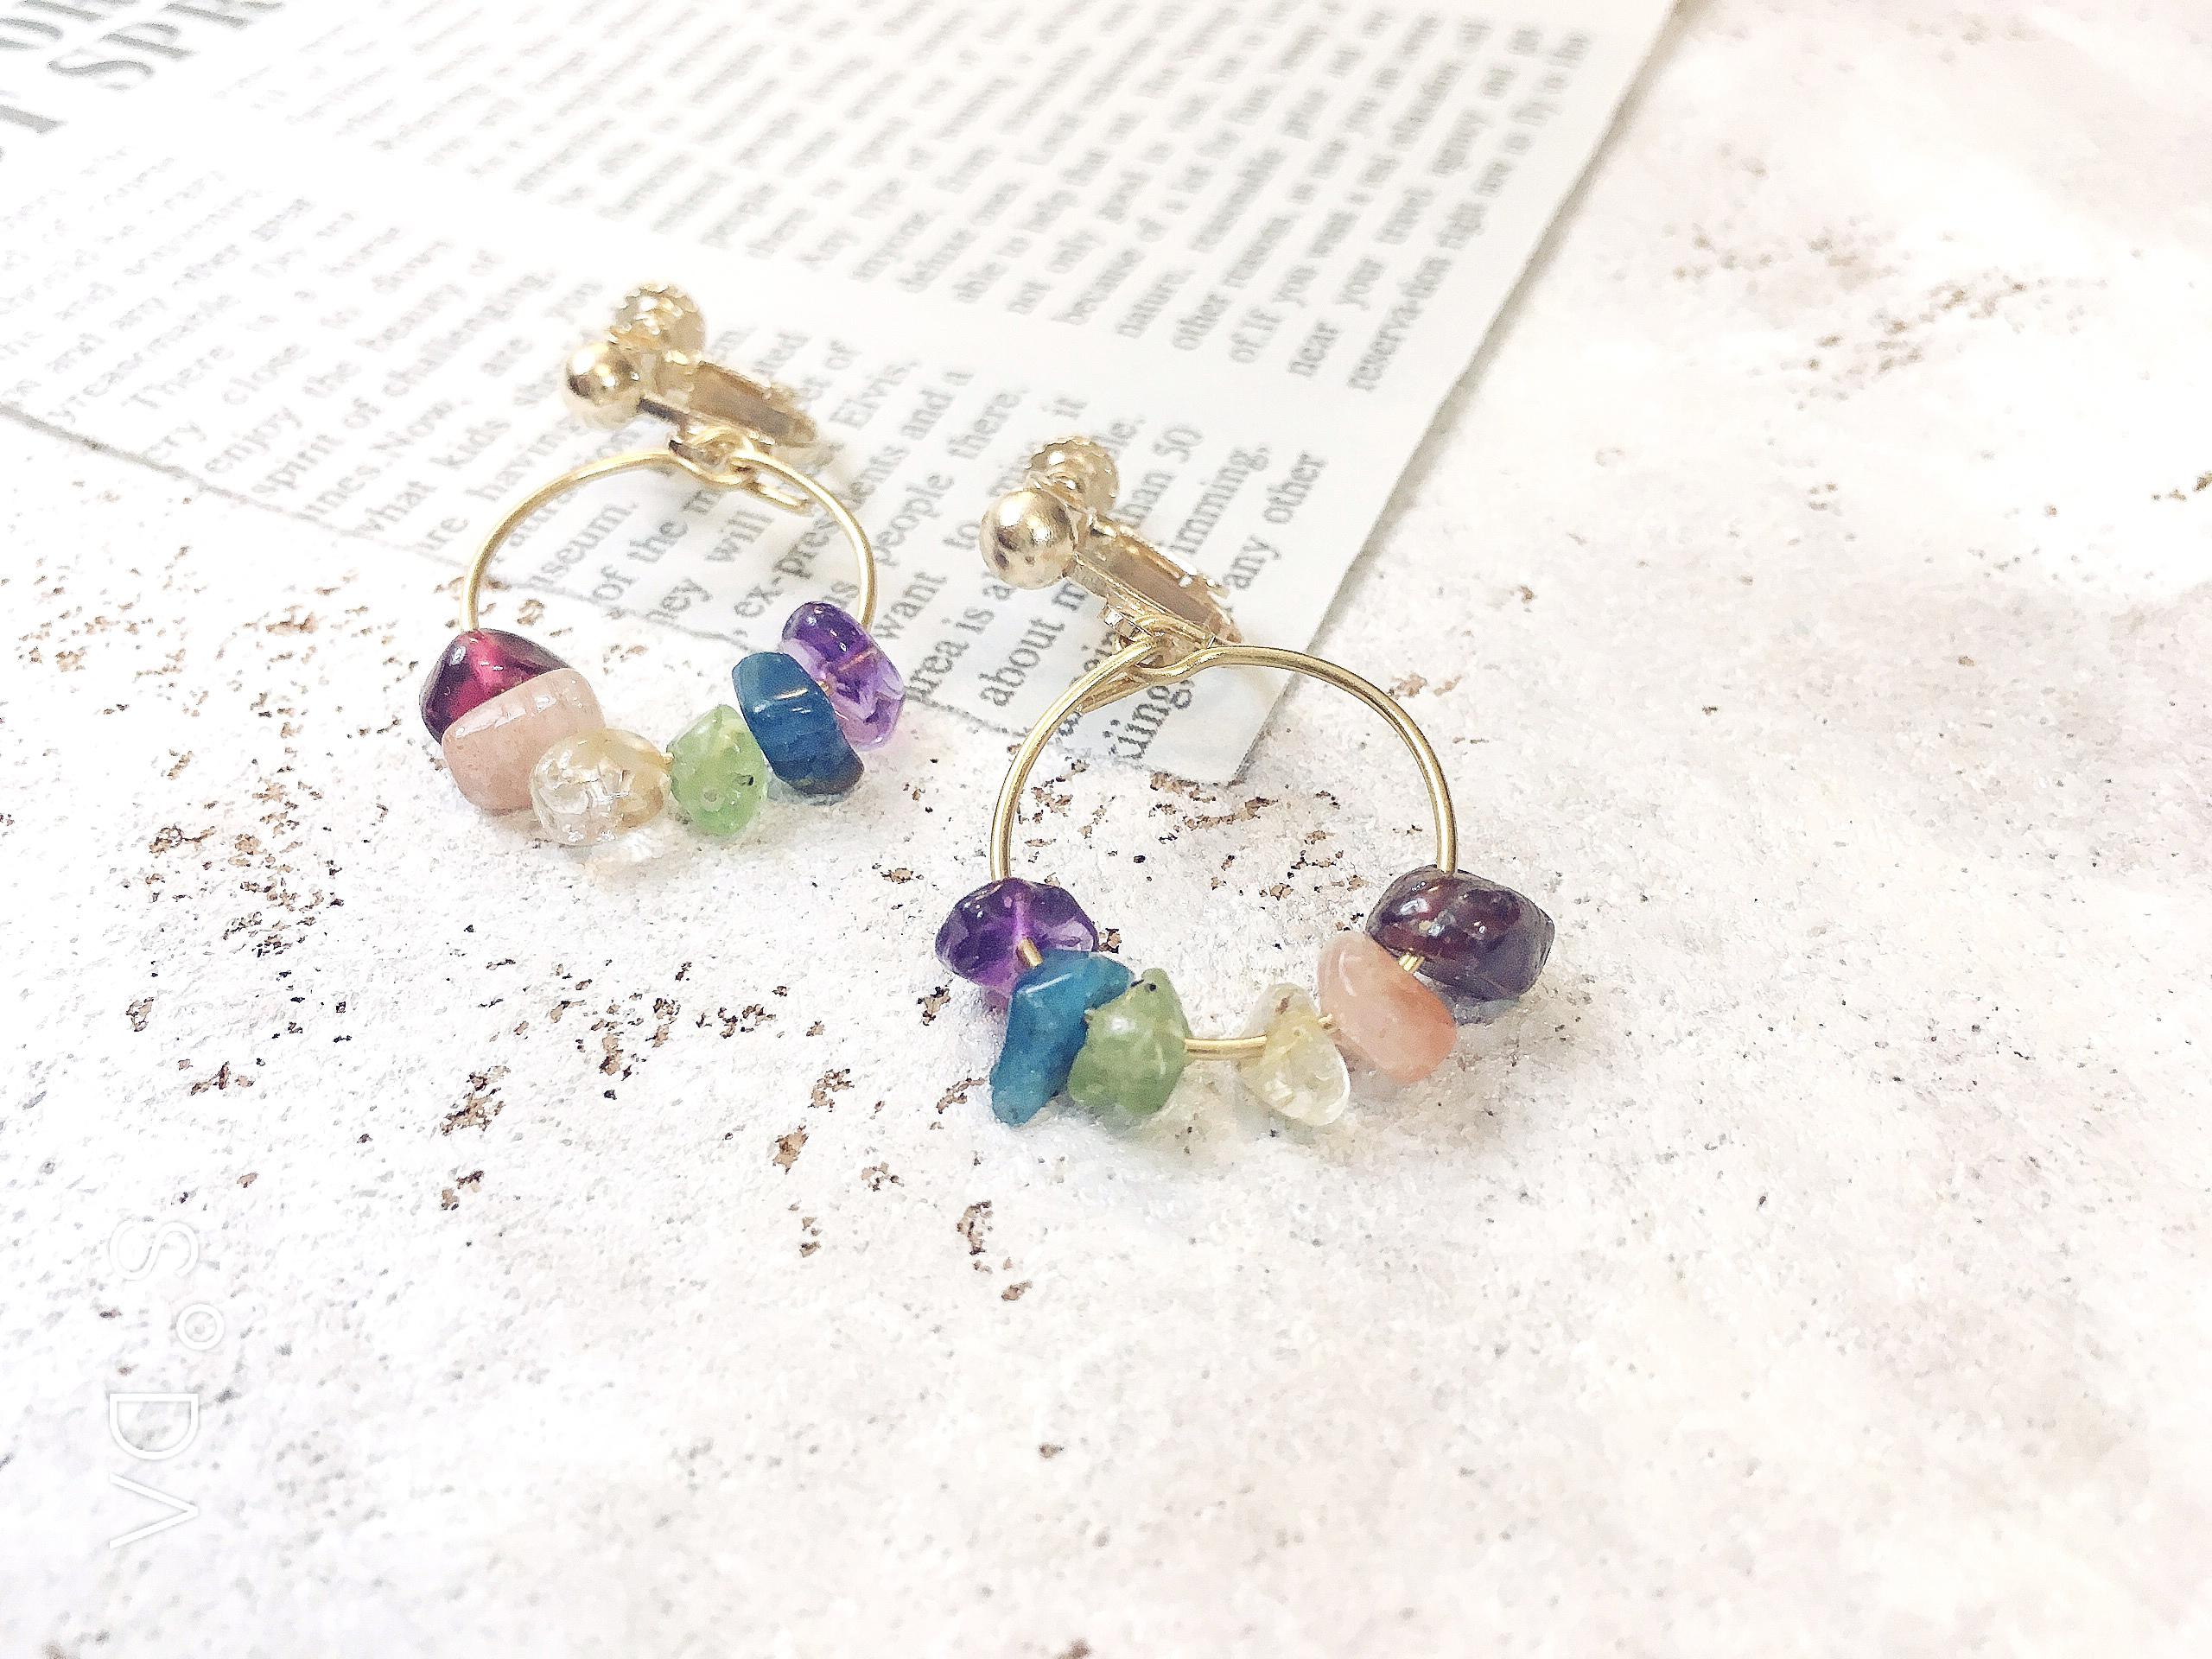 同在 - 彩虹礦石耳環 小圈圈